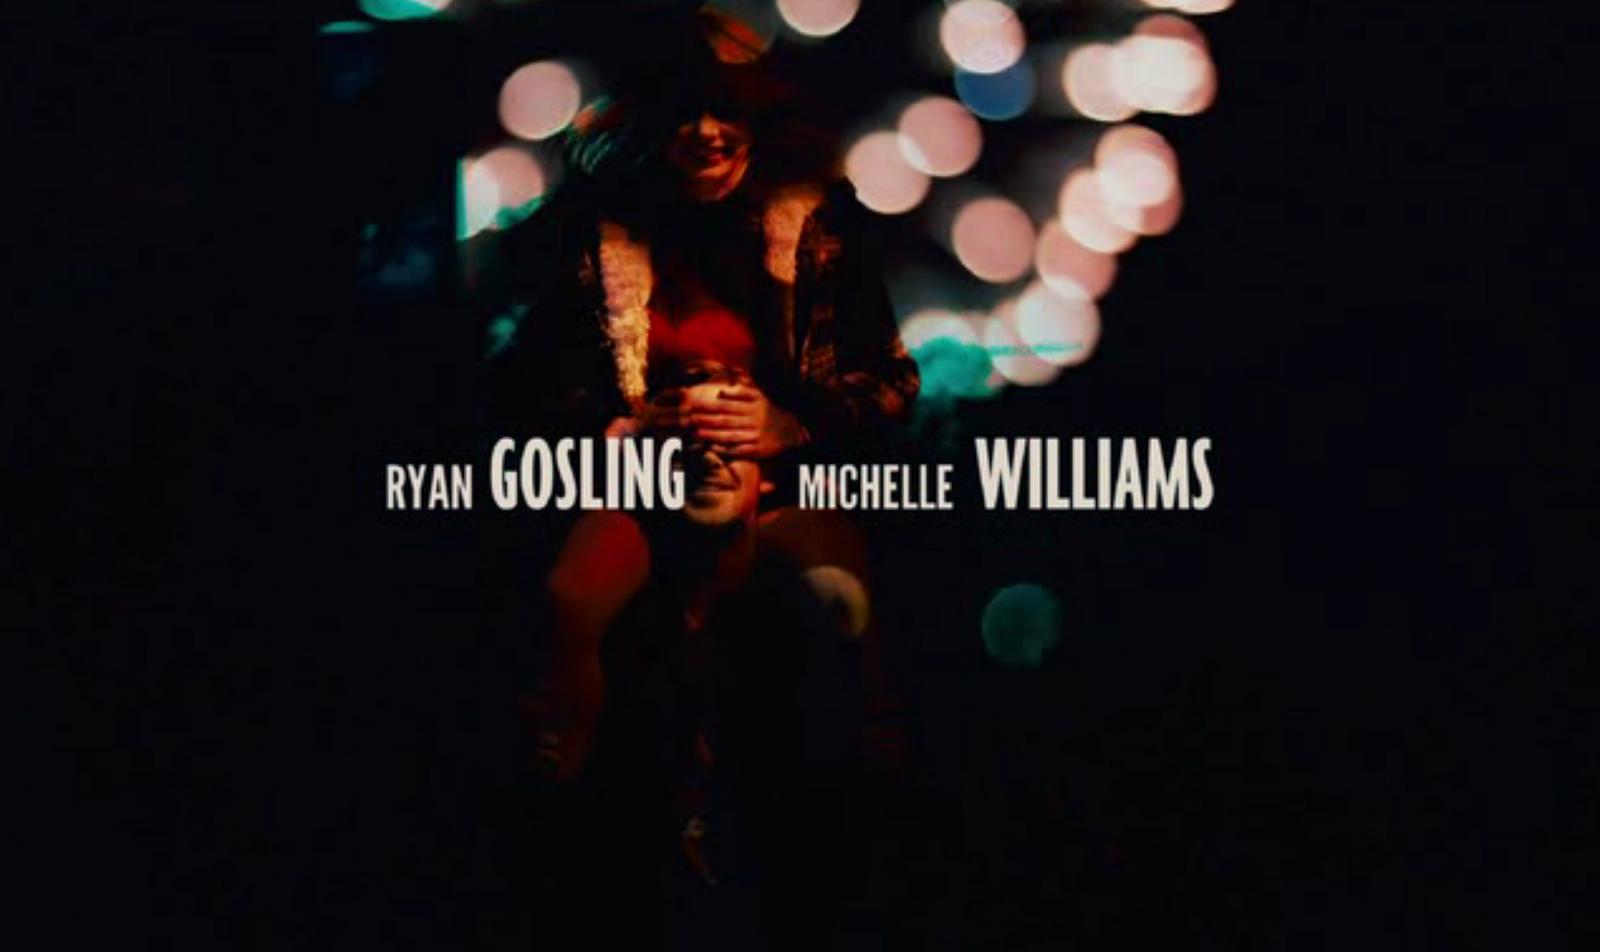 MOVIE BLUE VALENTINE   DEREK CIANFRANCE   MICHELLE WILLIAMS   RYAN GOSLING    2010